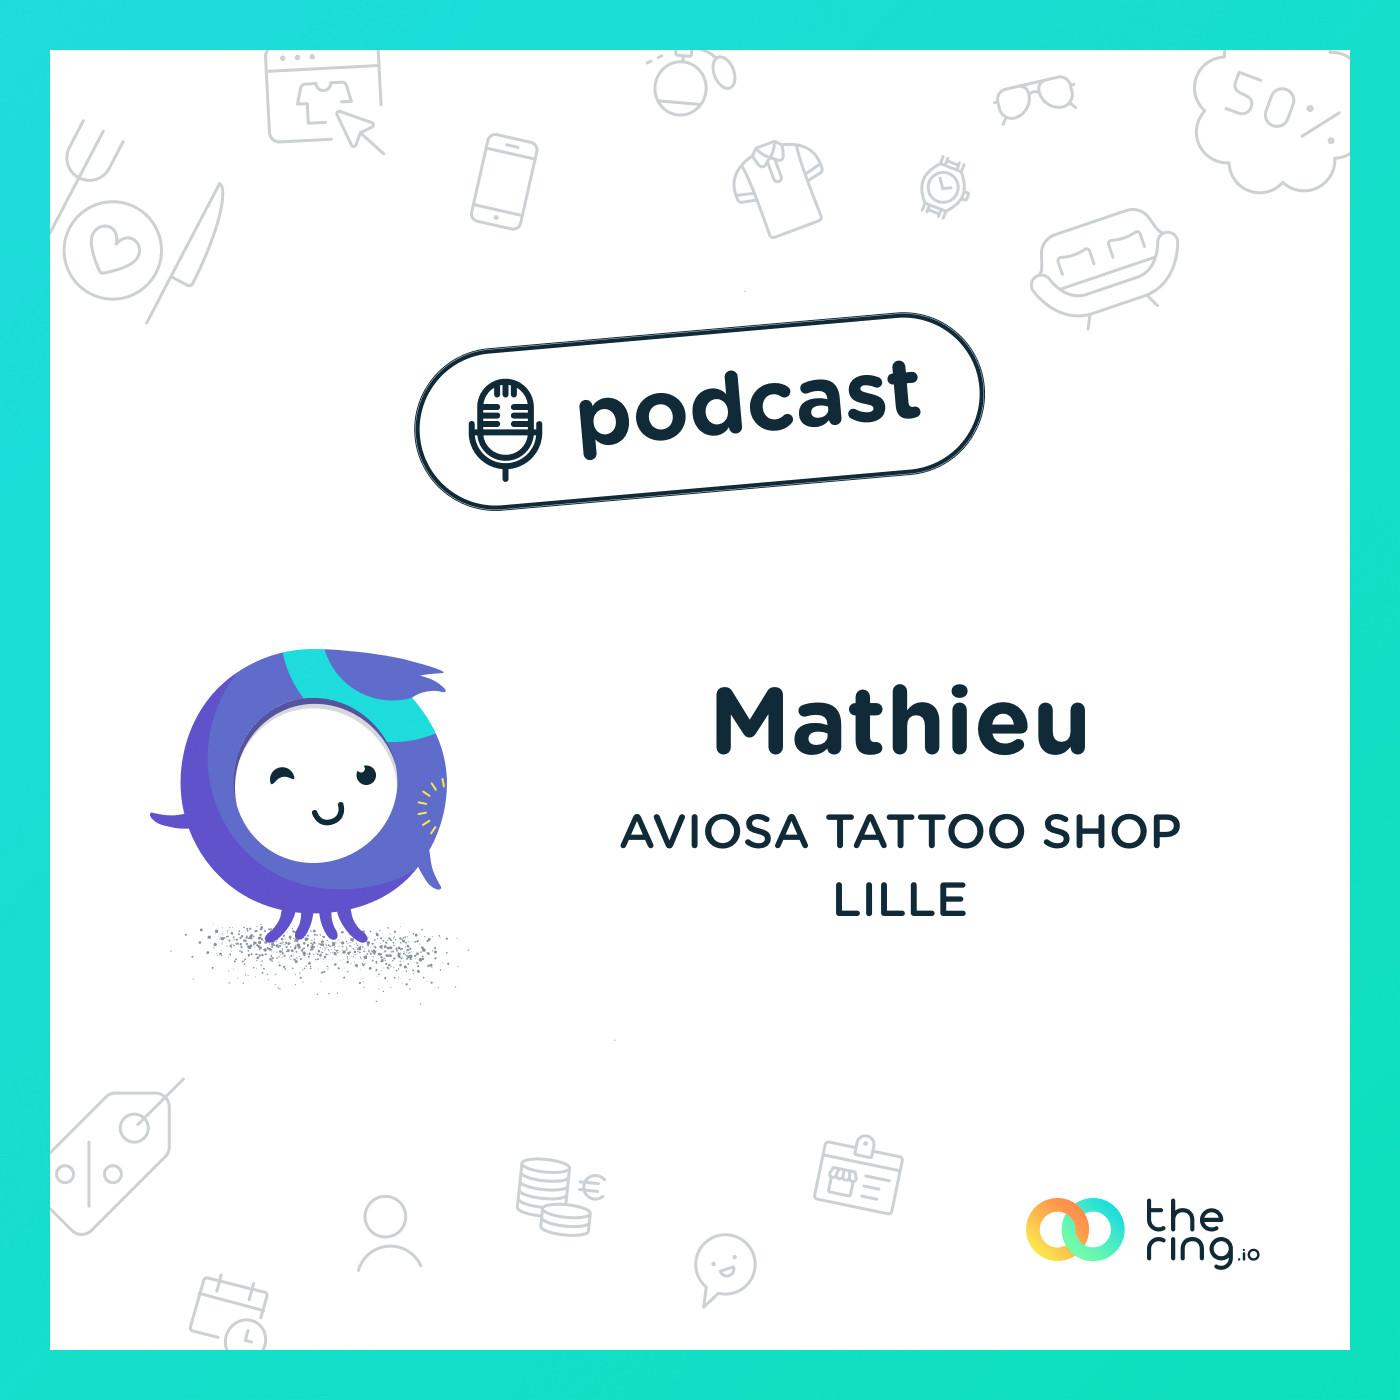 Mathieu de Aviosa Tattoo Shop à Lille : Réconcilier tatouage et art